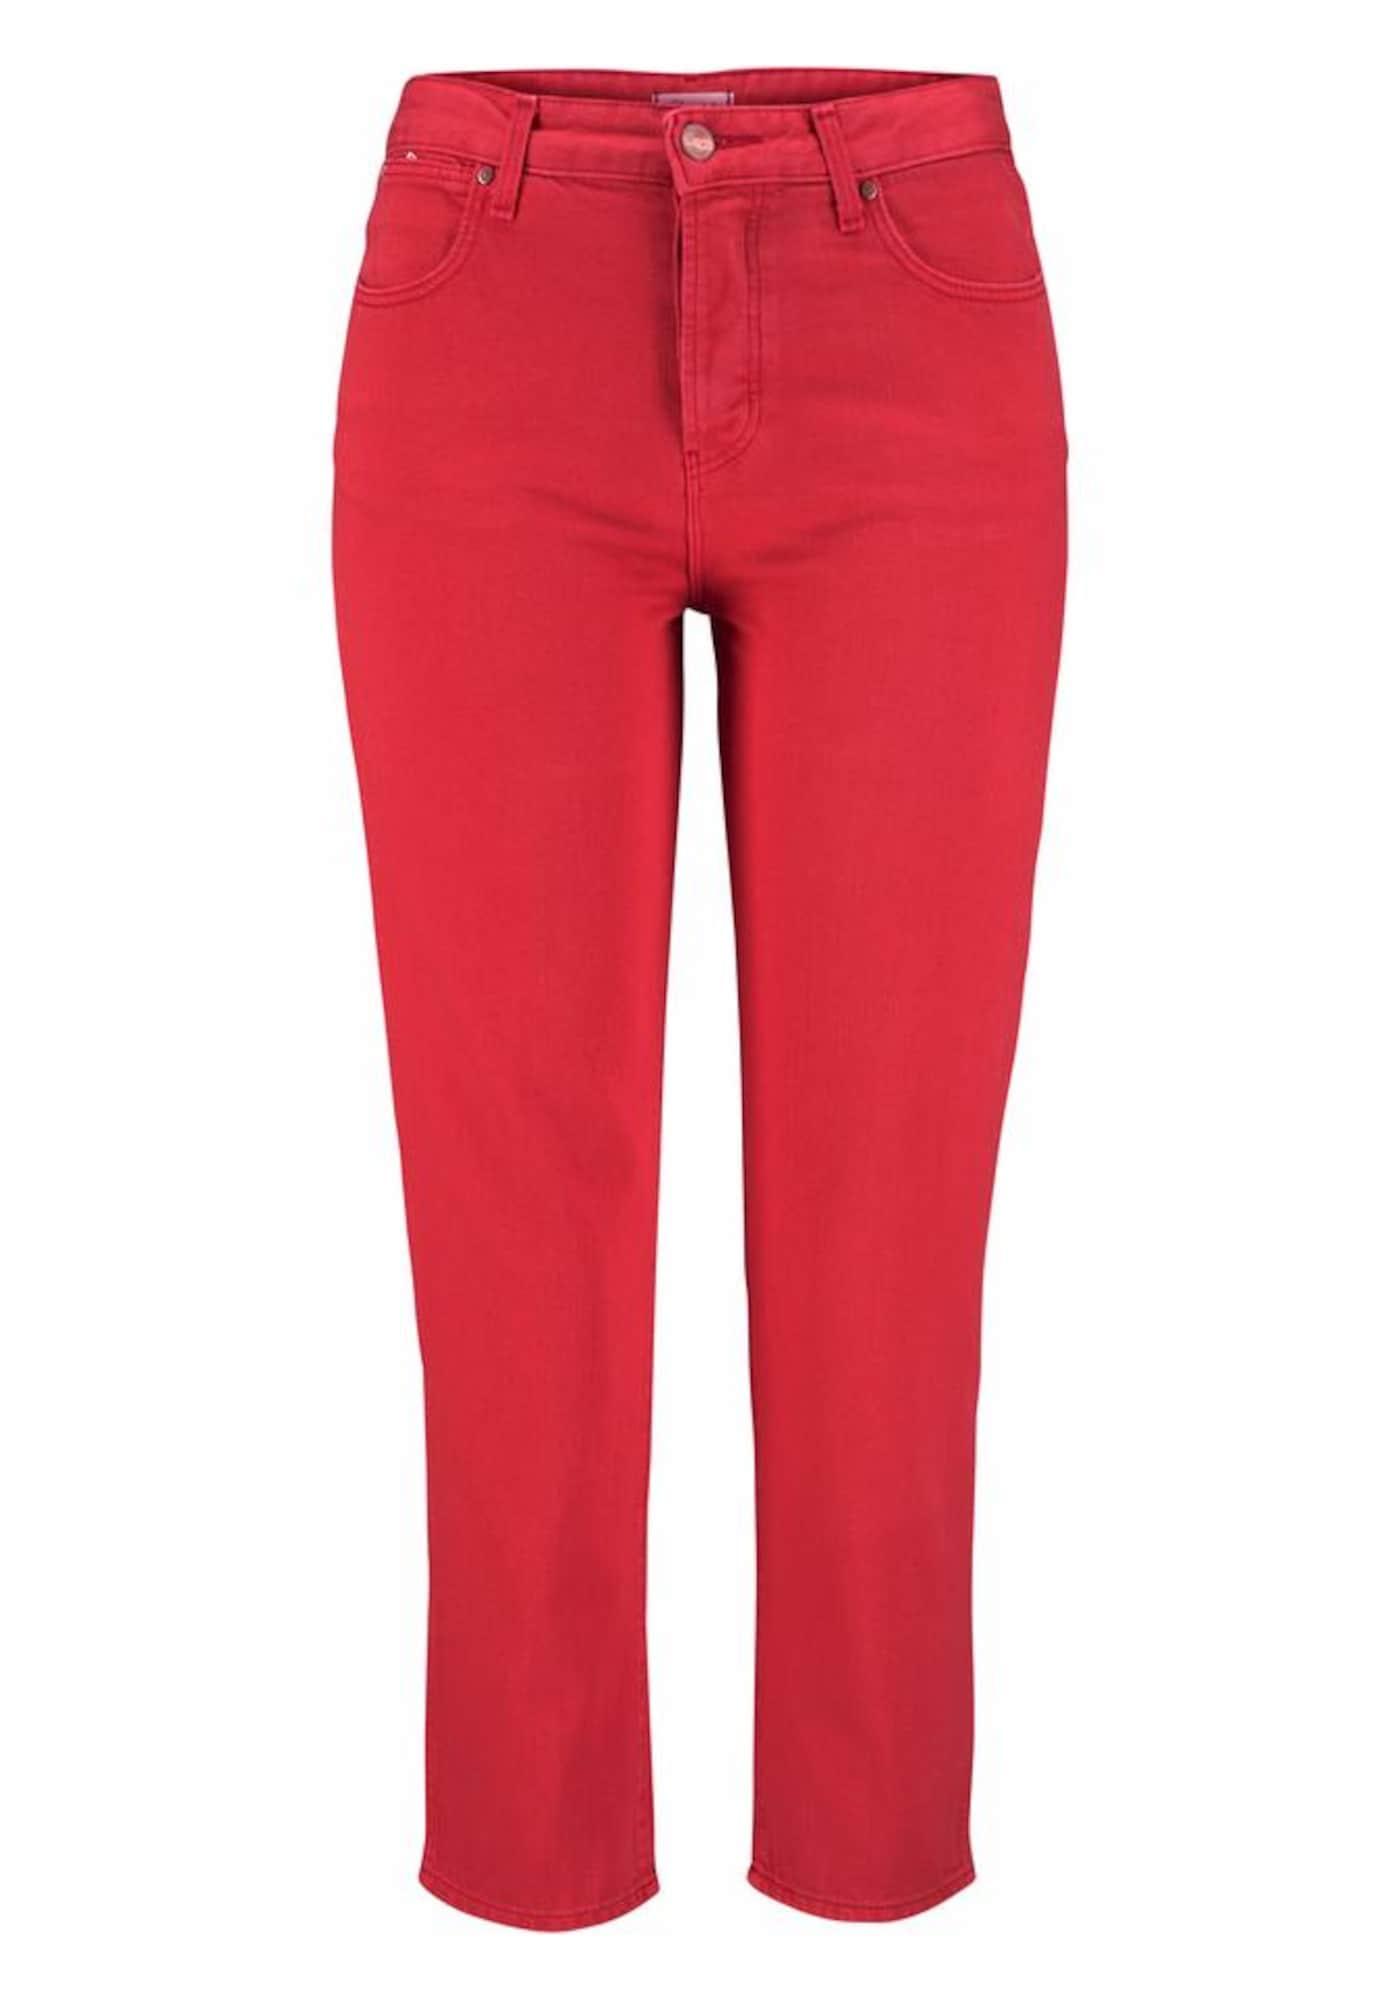 WRANGLER Dames Jeans rood